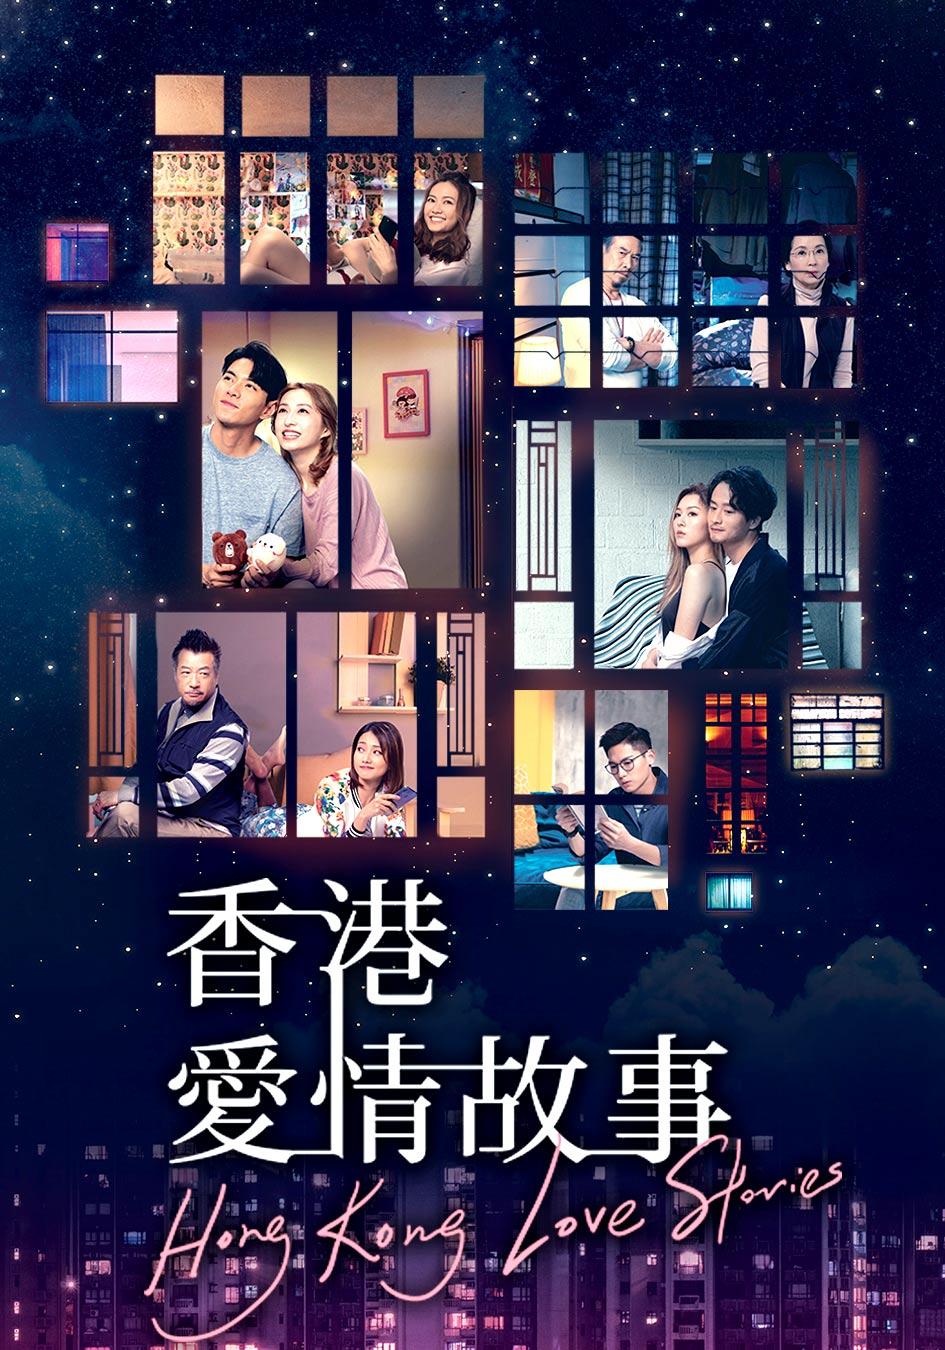 香港愛情故事-Hong Kong Love Stories